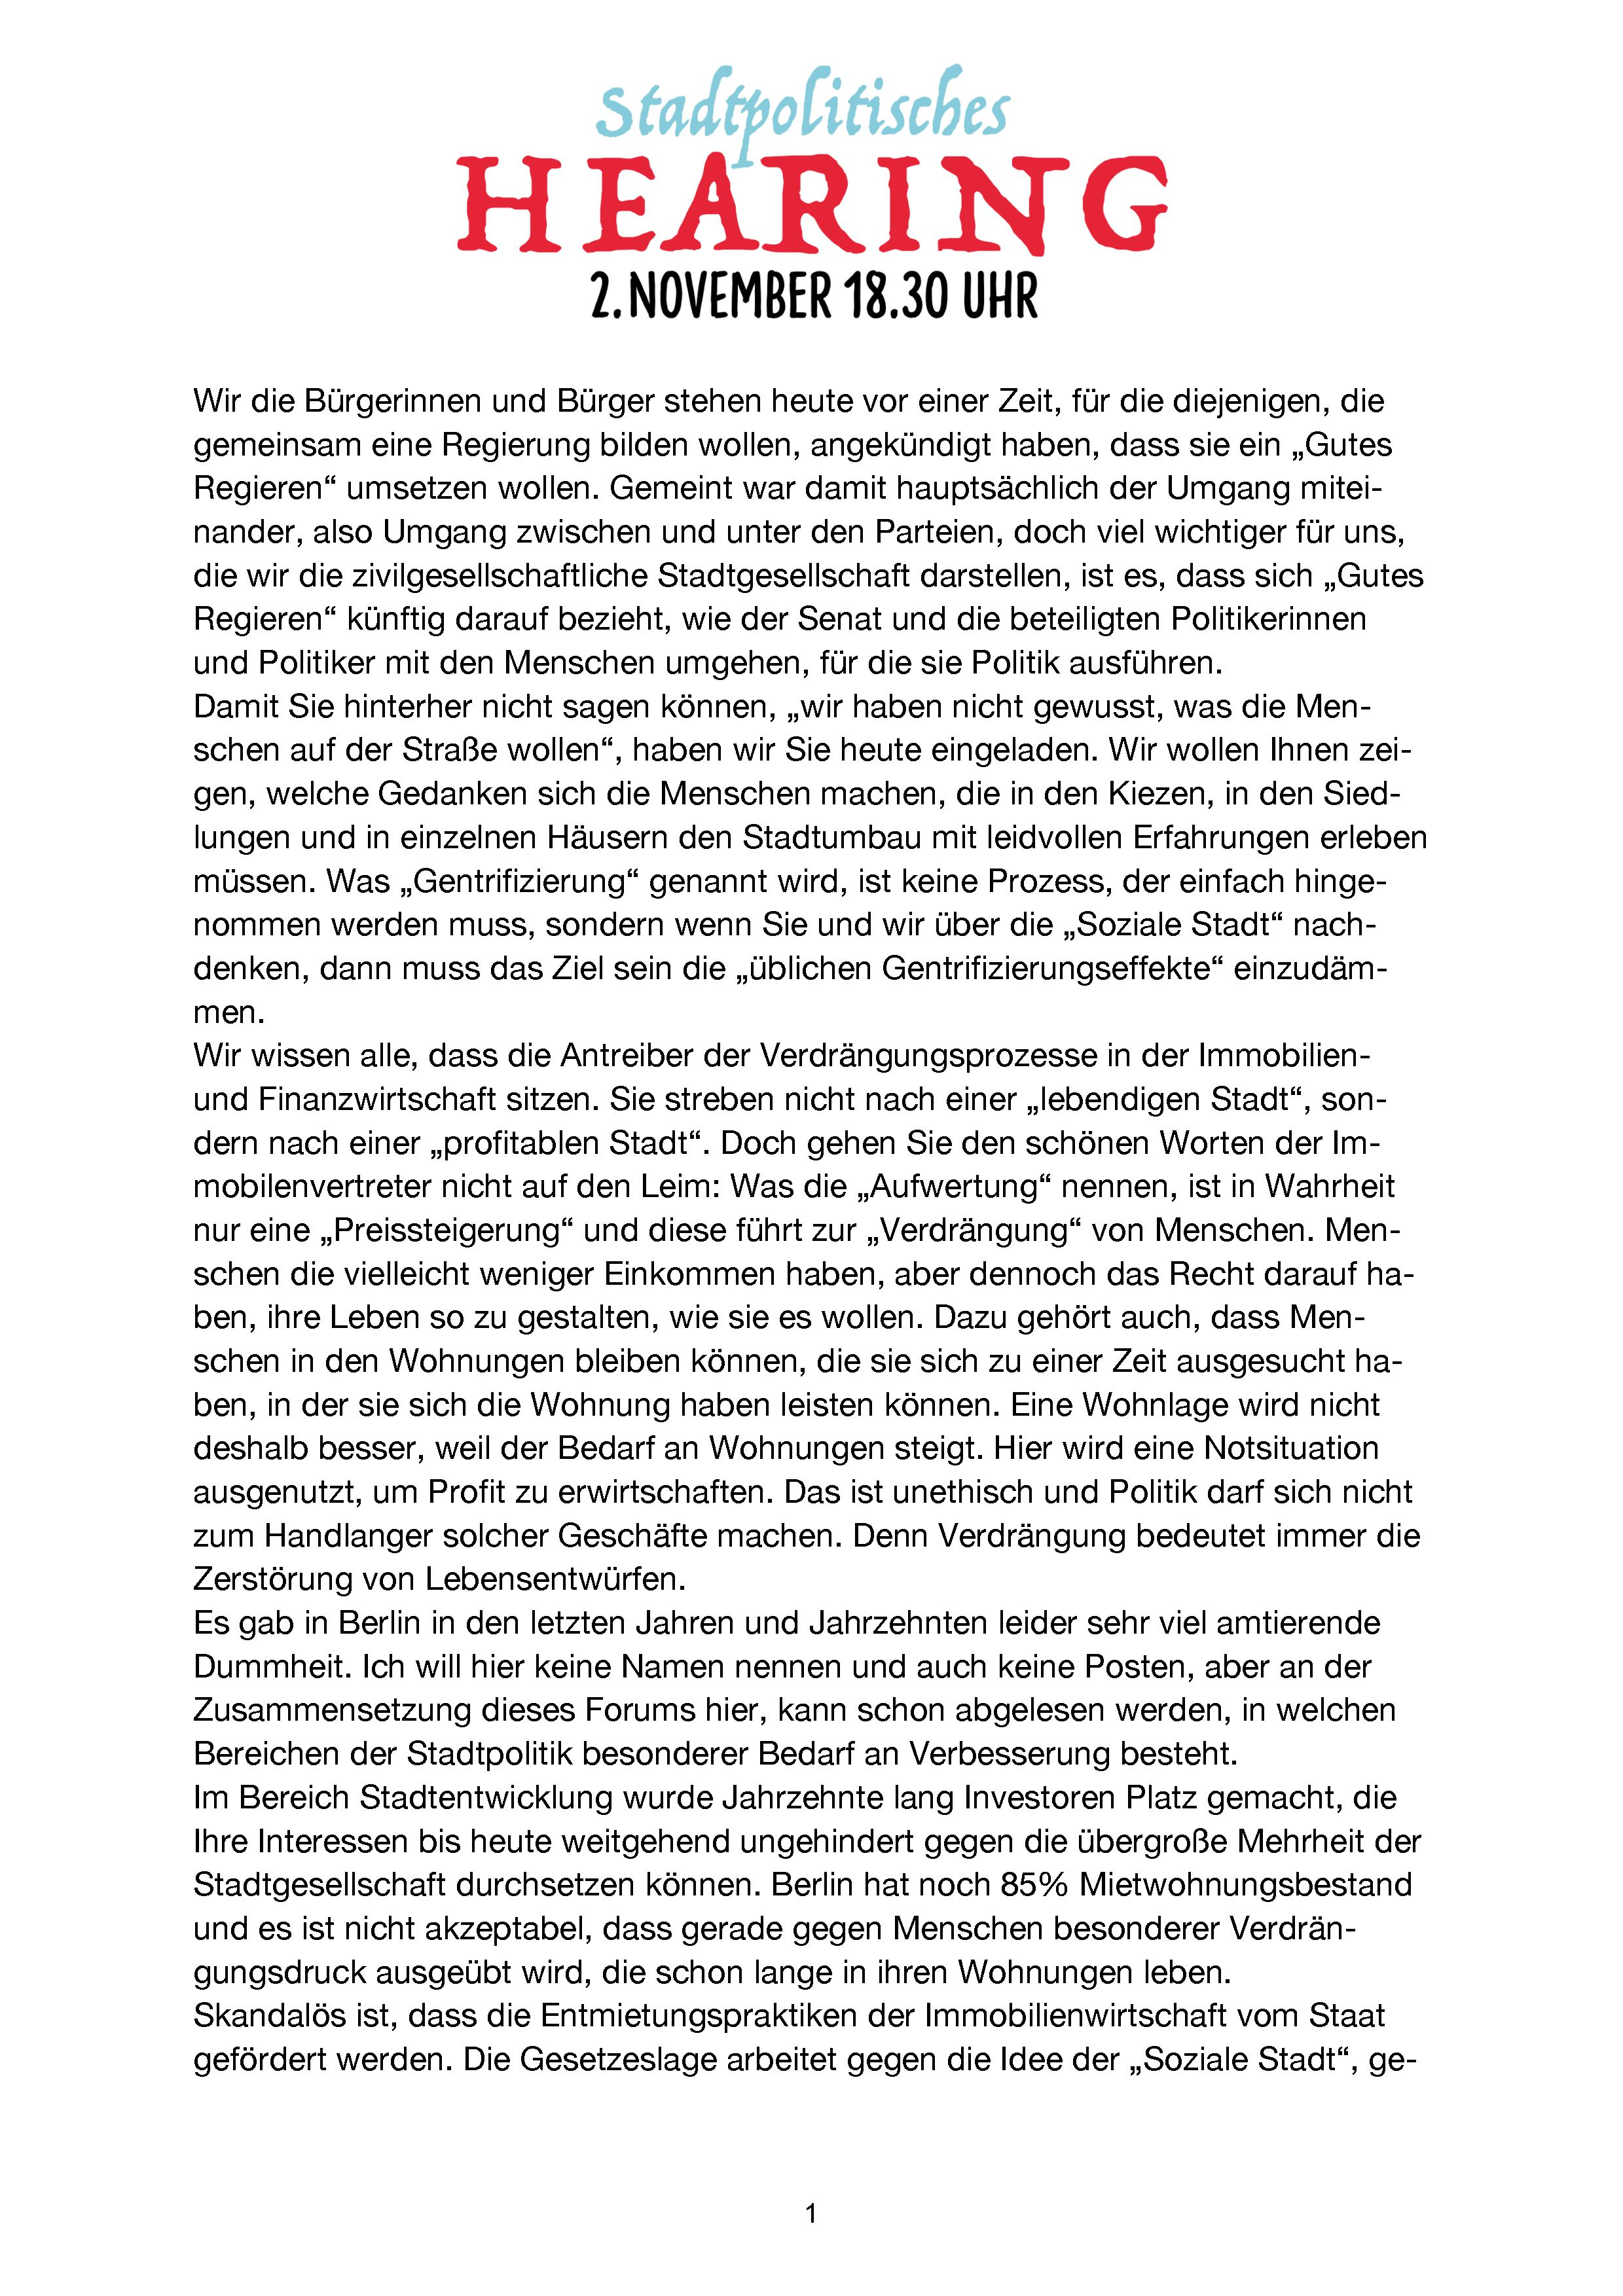 stadtpolitisches_hearing_021116_pressemappe_02